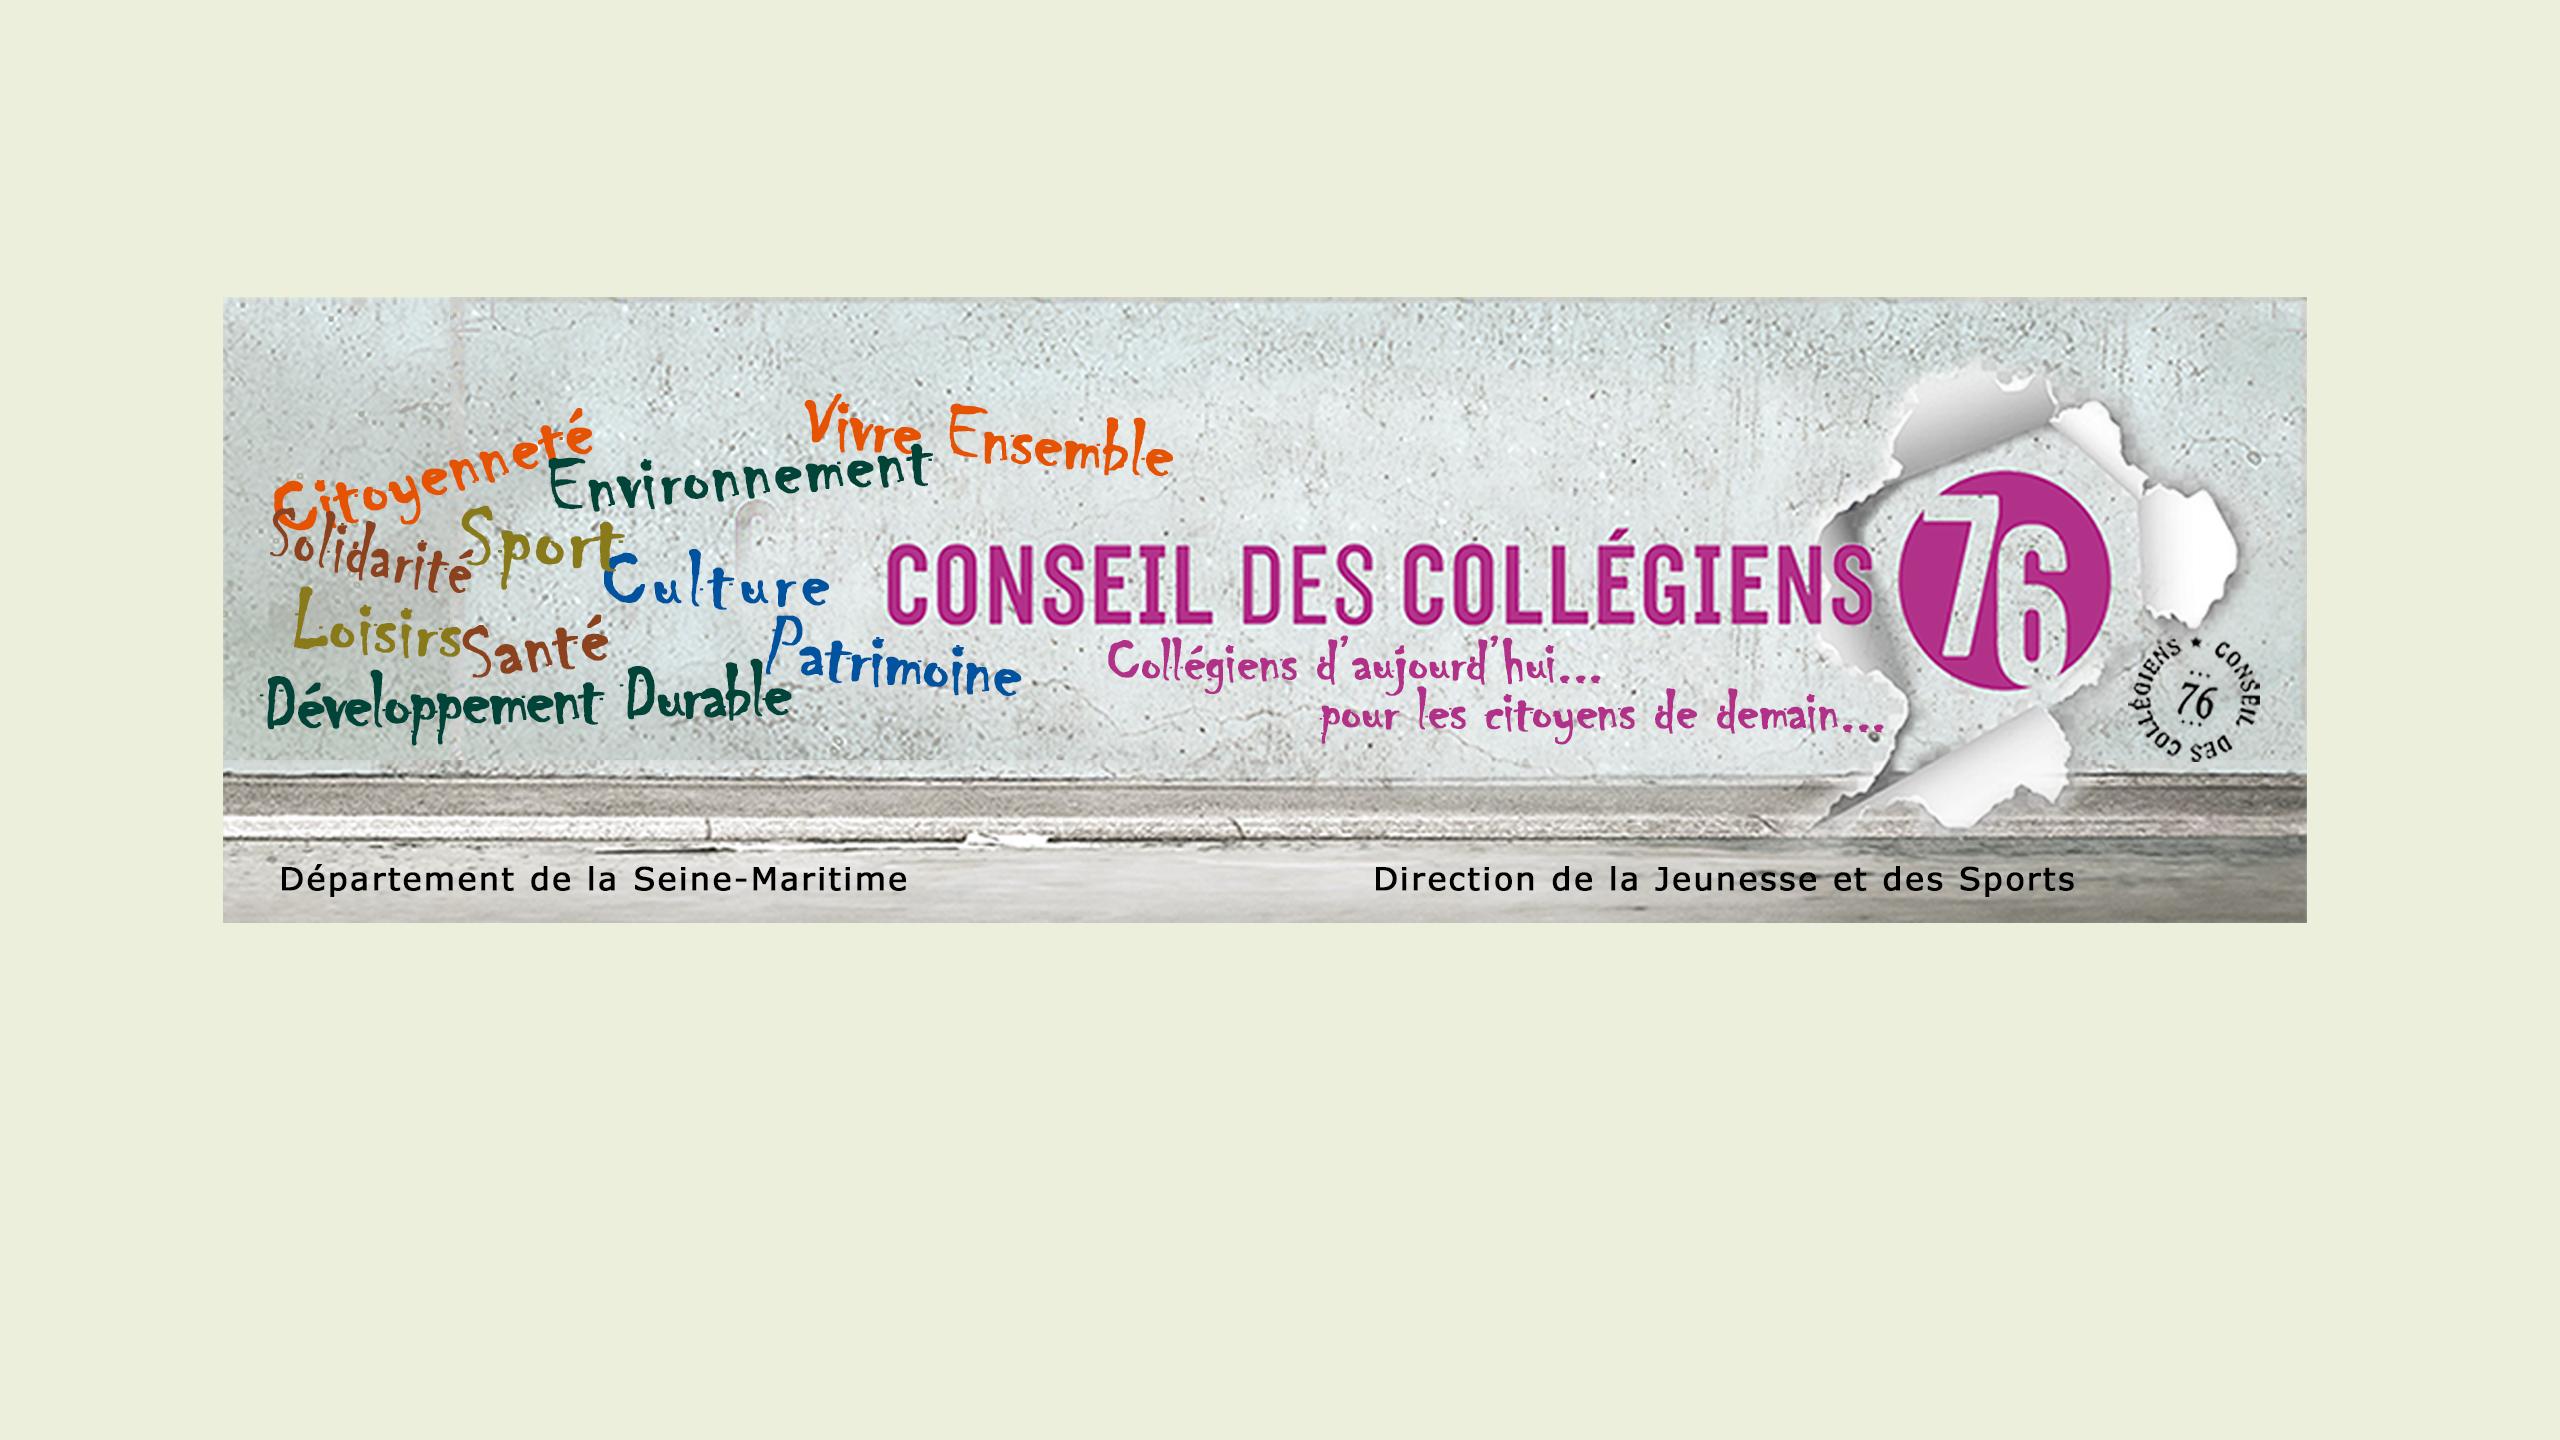 Header Image - Conseil des Collégiens de la Seine-Maritime